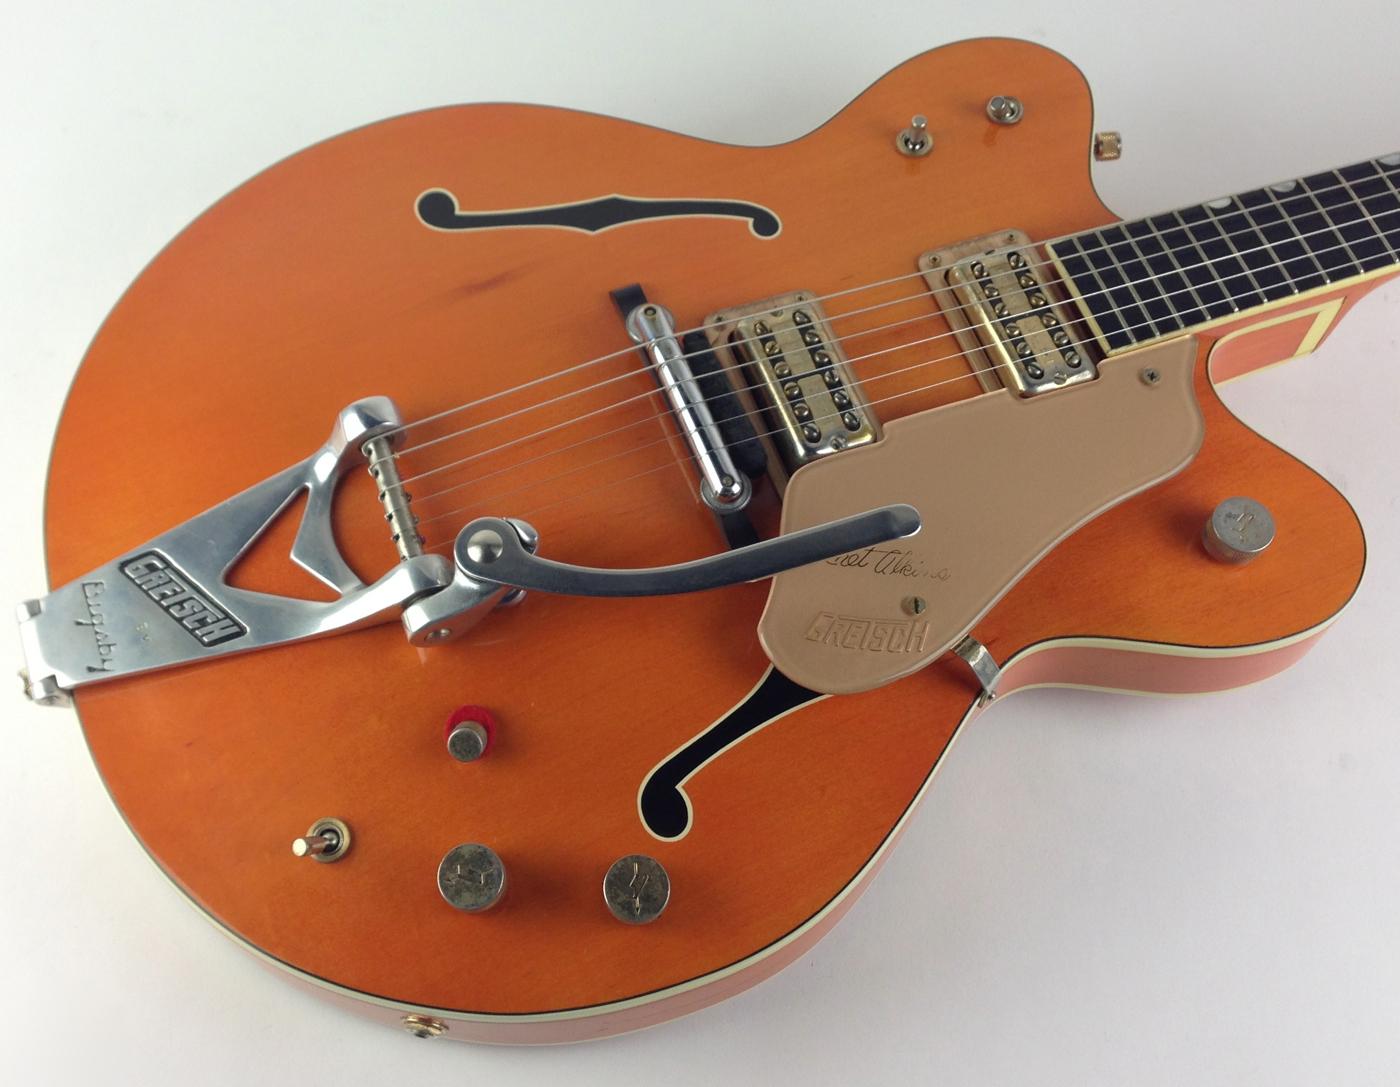 gretsch 6120 chet atkins 1962 orange satin guitar for sale thunder road guitars. Black Bedroom Furniture Sets. Home Design Ideas